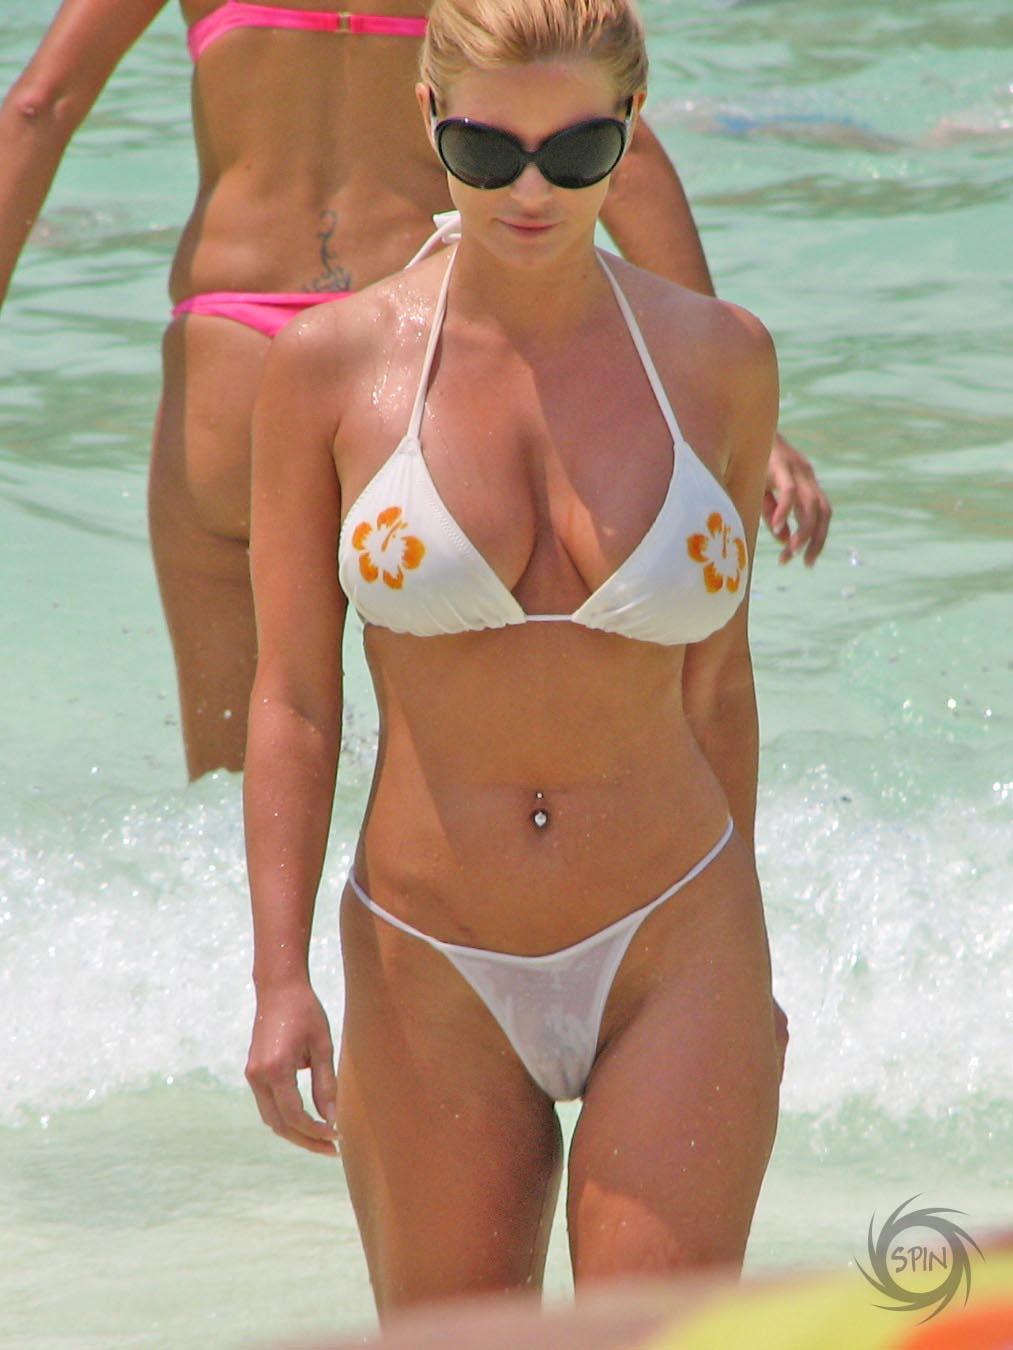 Qu'elle est Jessica simpson bikini cameltoe hot